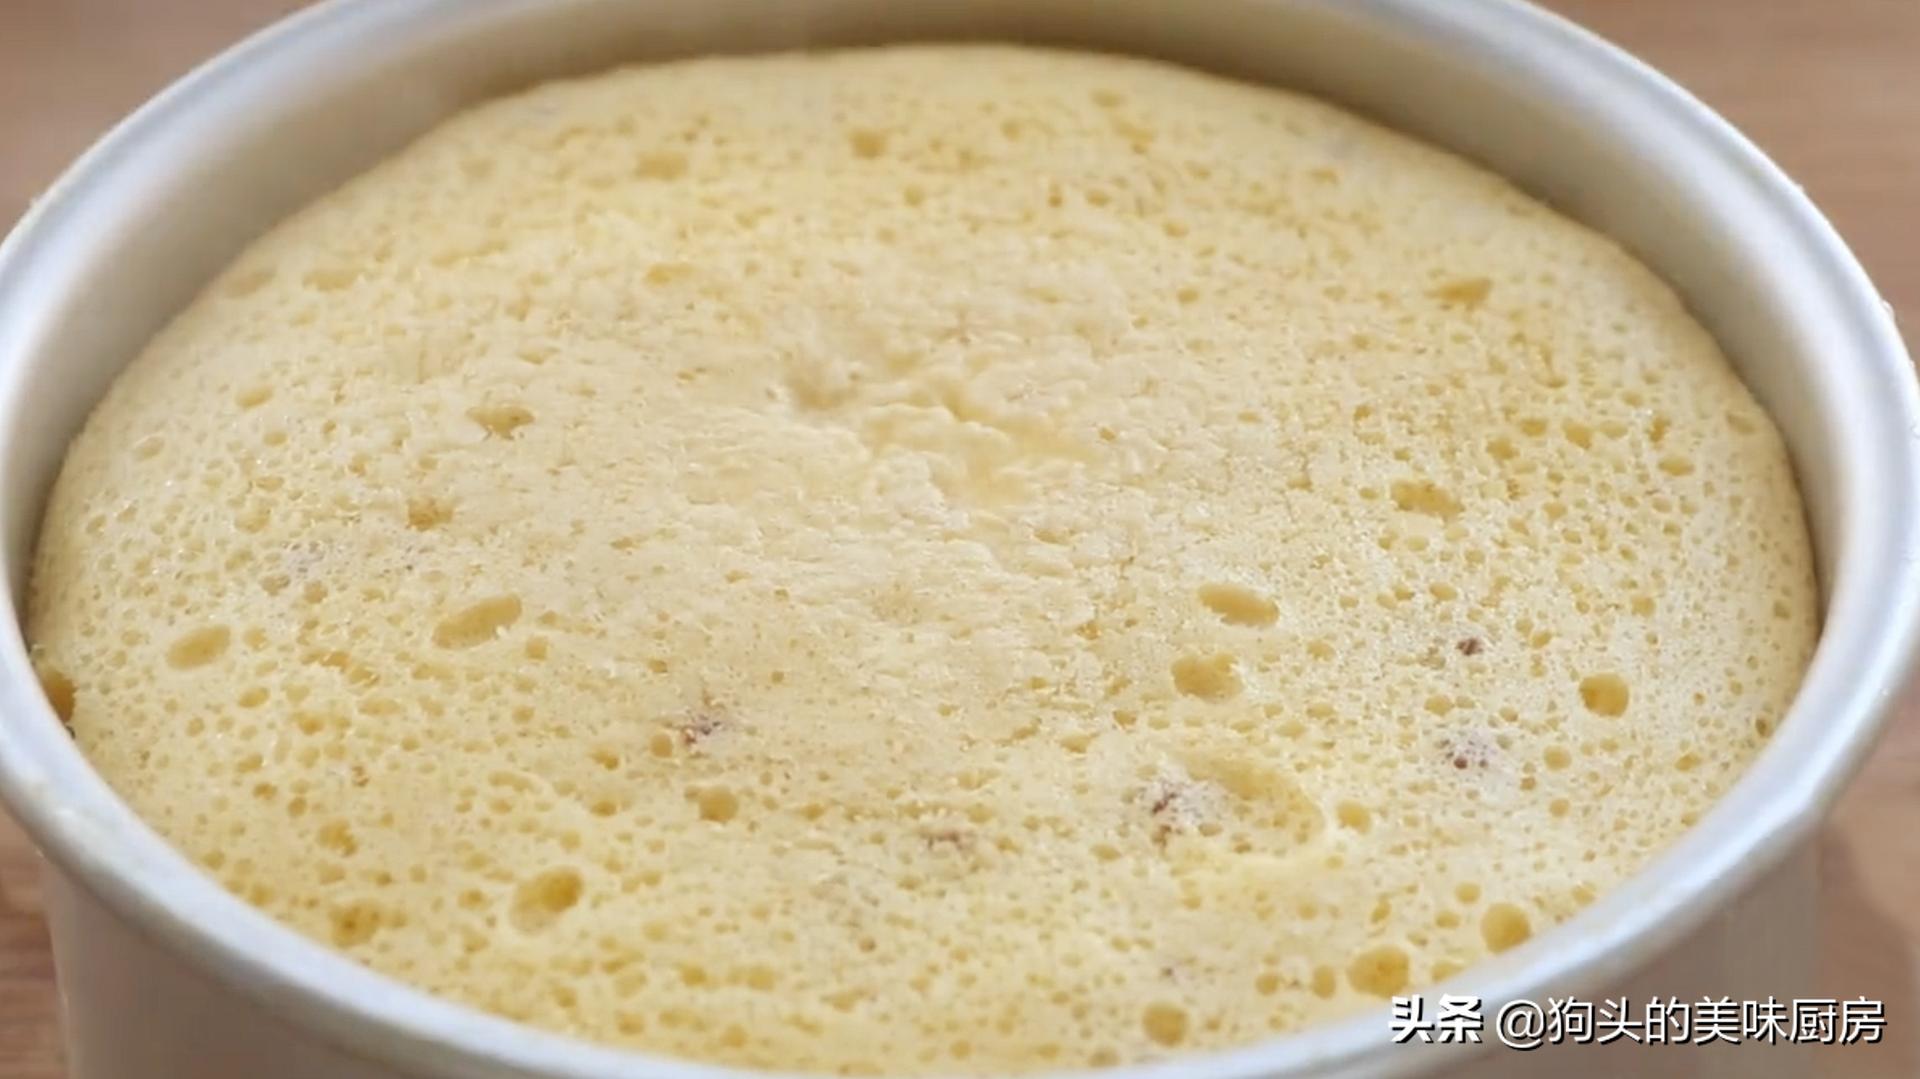 教你1碗麵粉4個雞蛋做蛋糕,不用烤箱不用電飯煲,新手一次成功